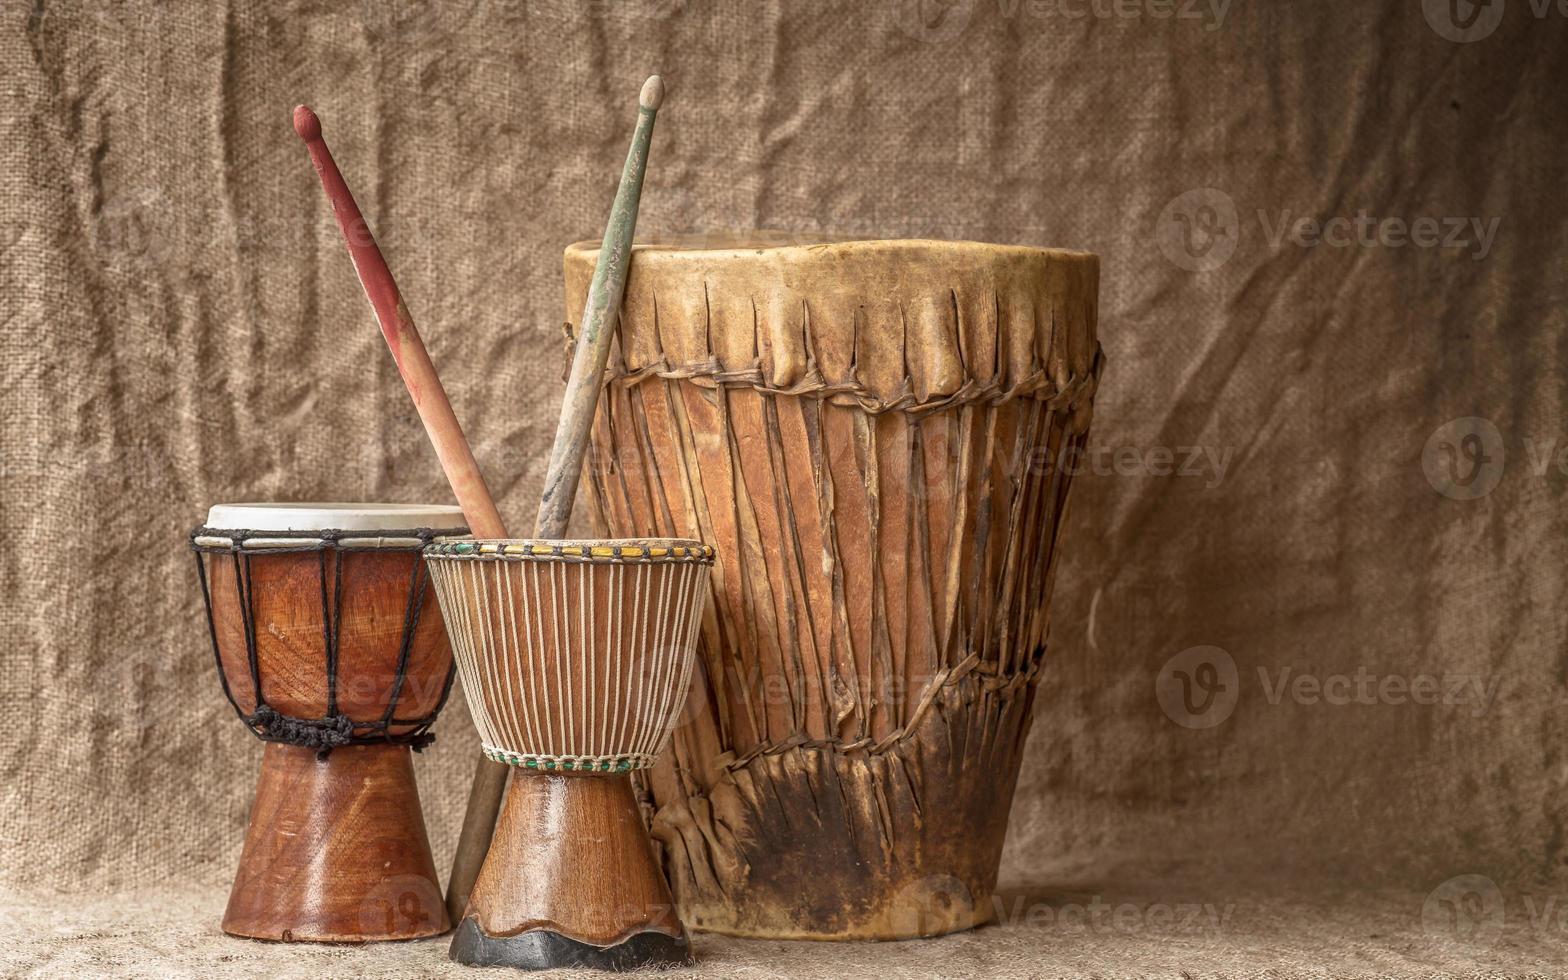 tambores djembe de árbol foto